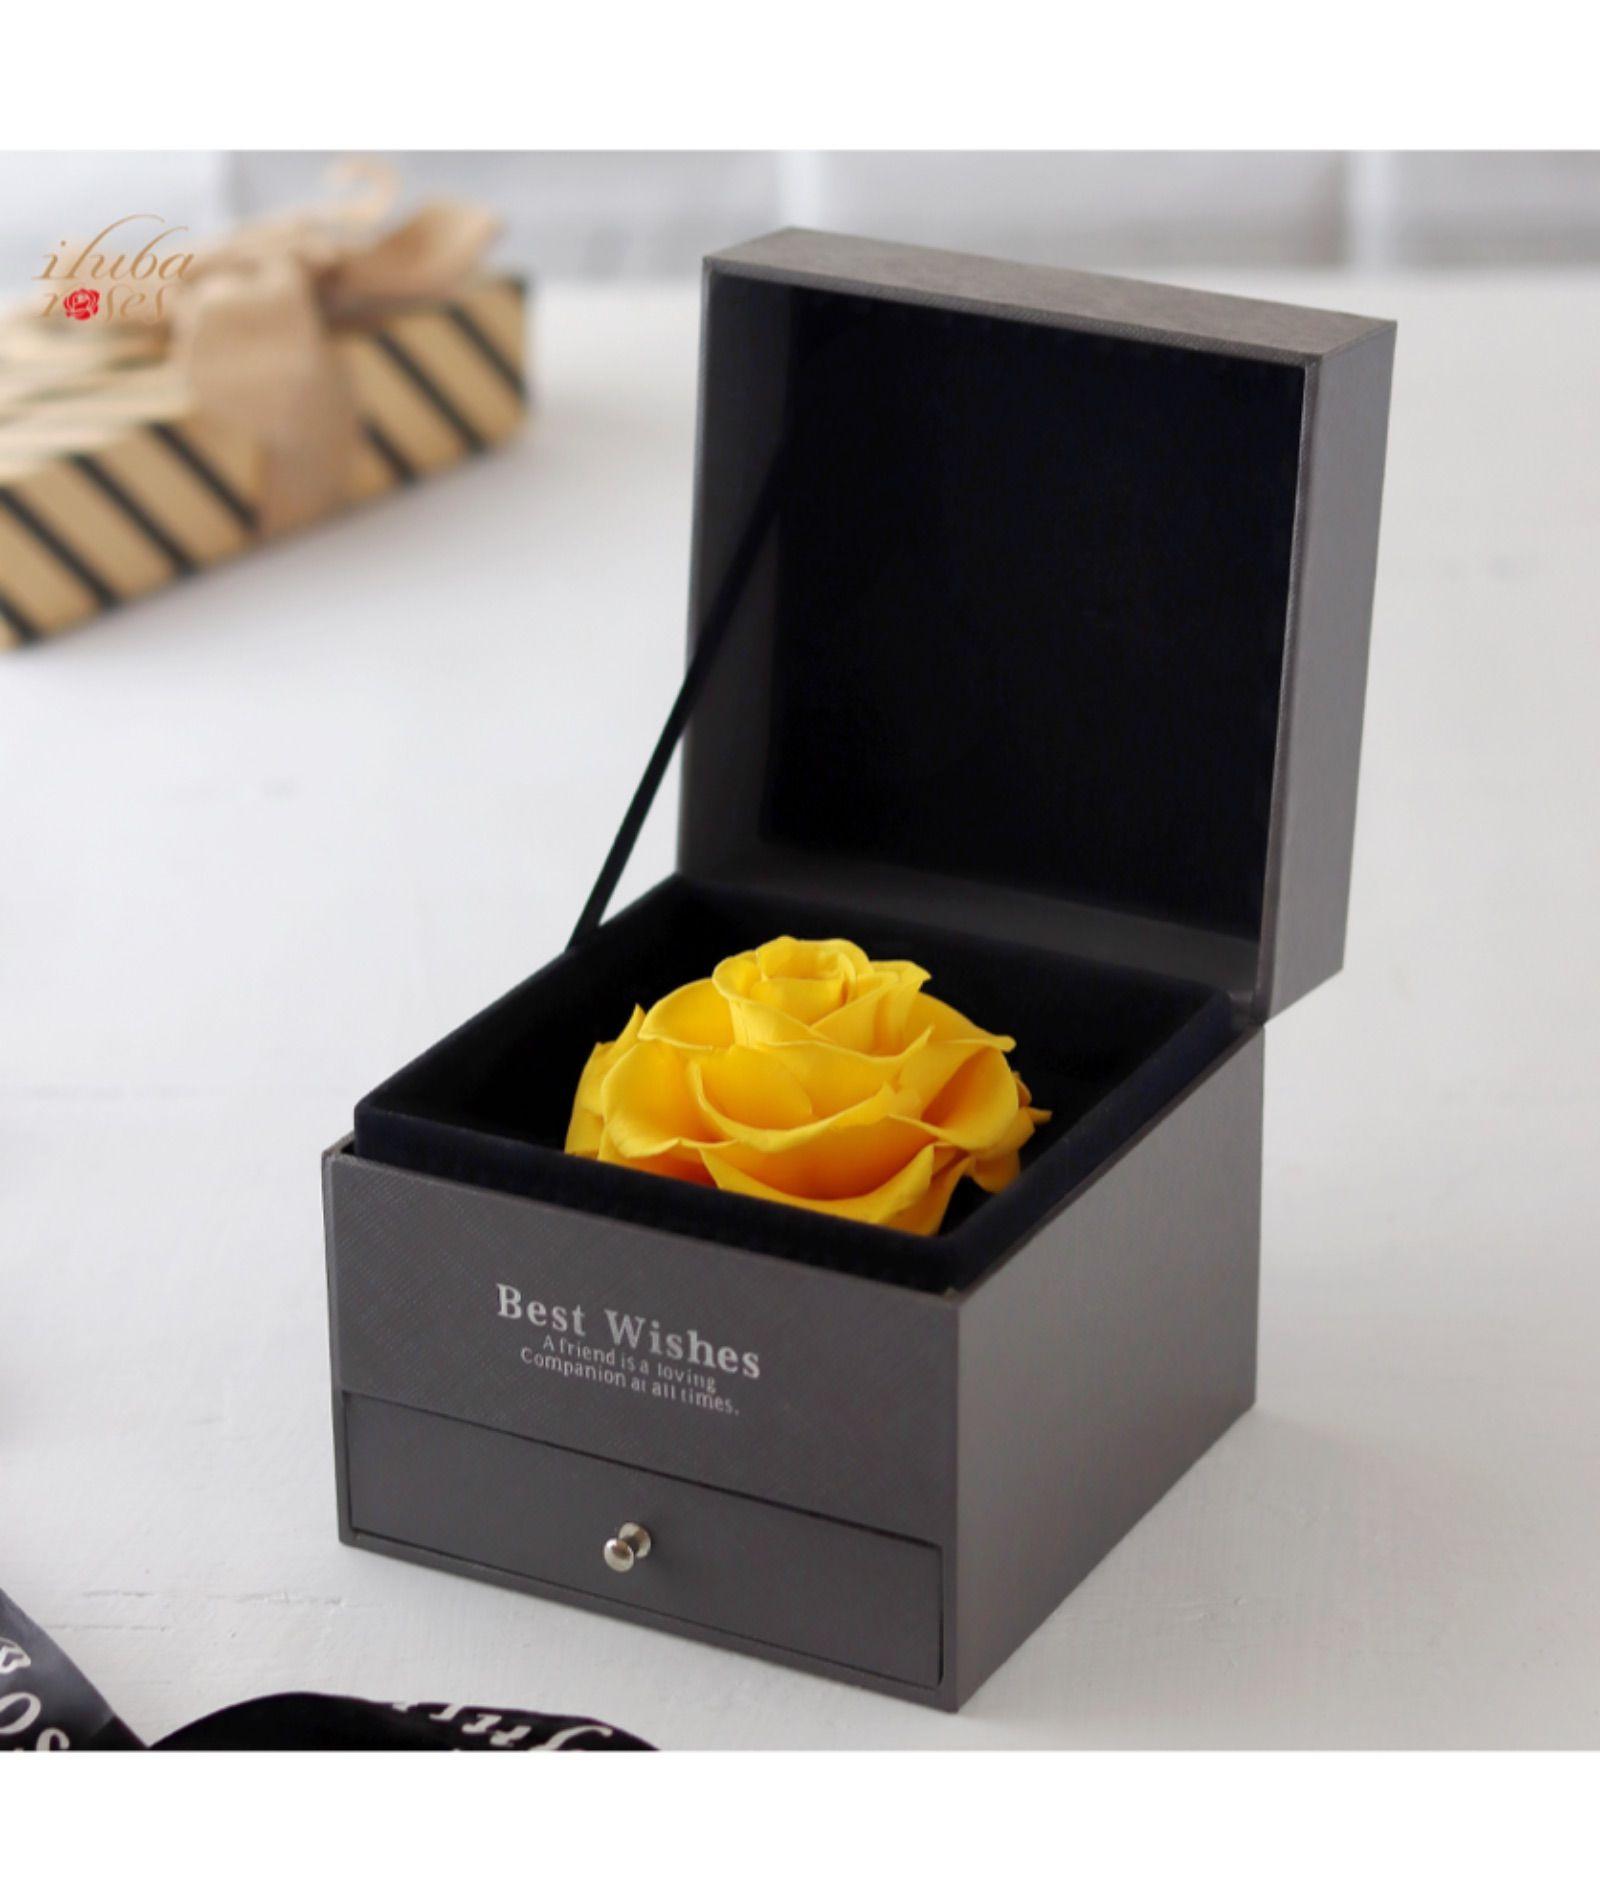 وردة ايلوبا روز اصفر الدائمة داخل صندوق هدية Design All Things Pictures